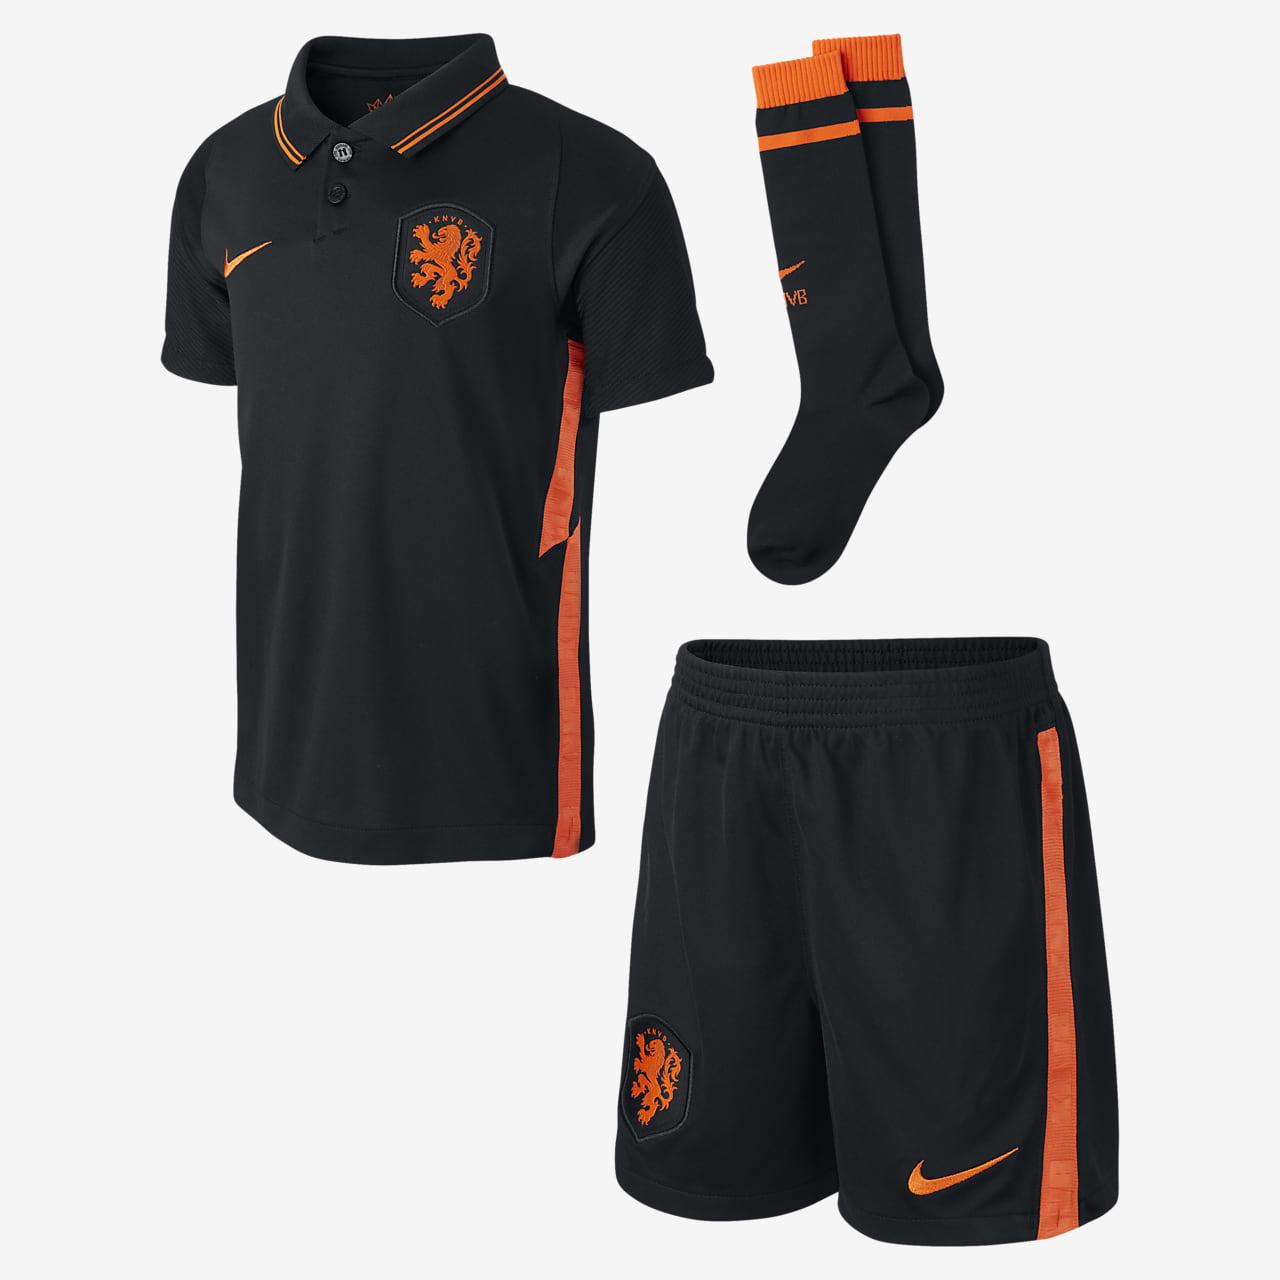 Футбольный комплект для дошкольников с символикой выездной формы сборной Нидерландов 2020